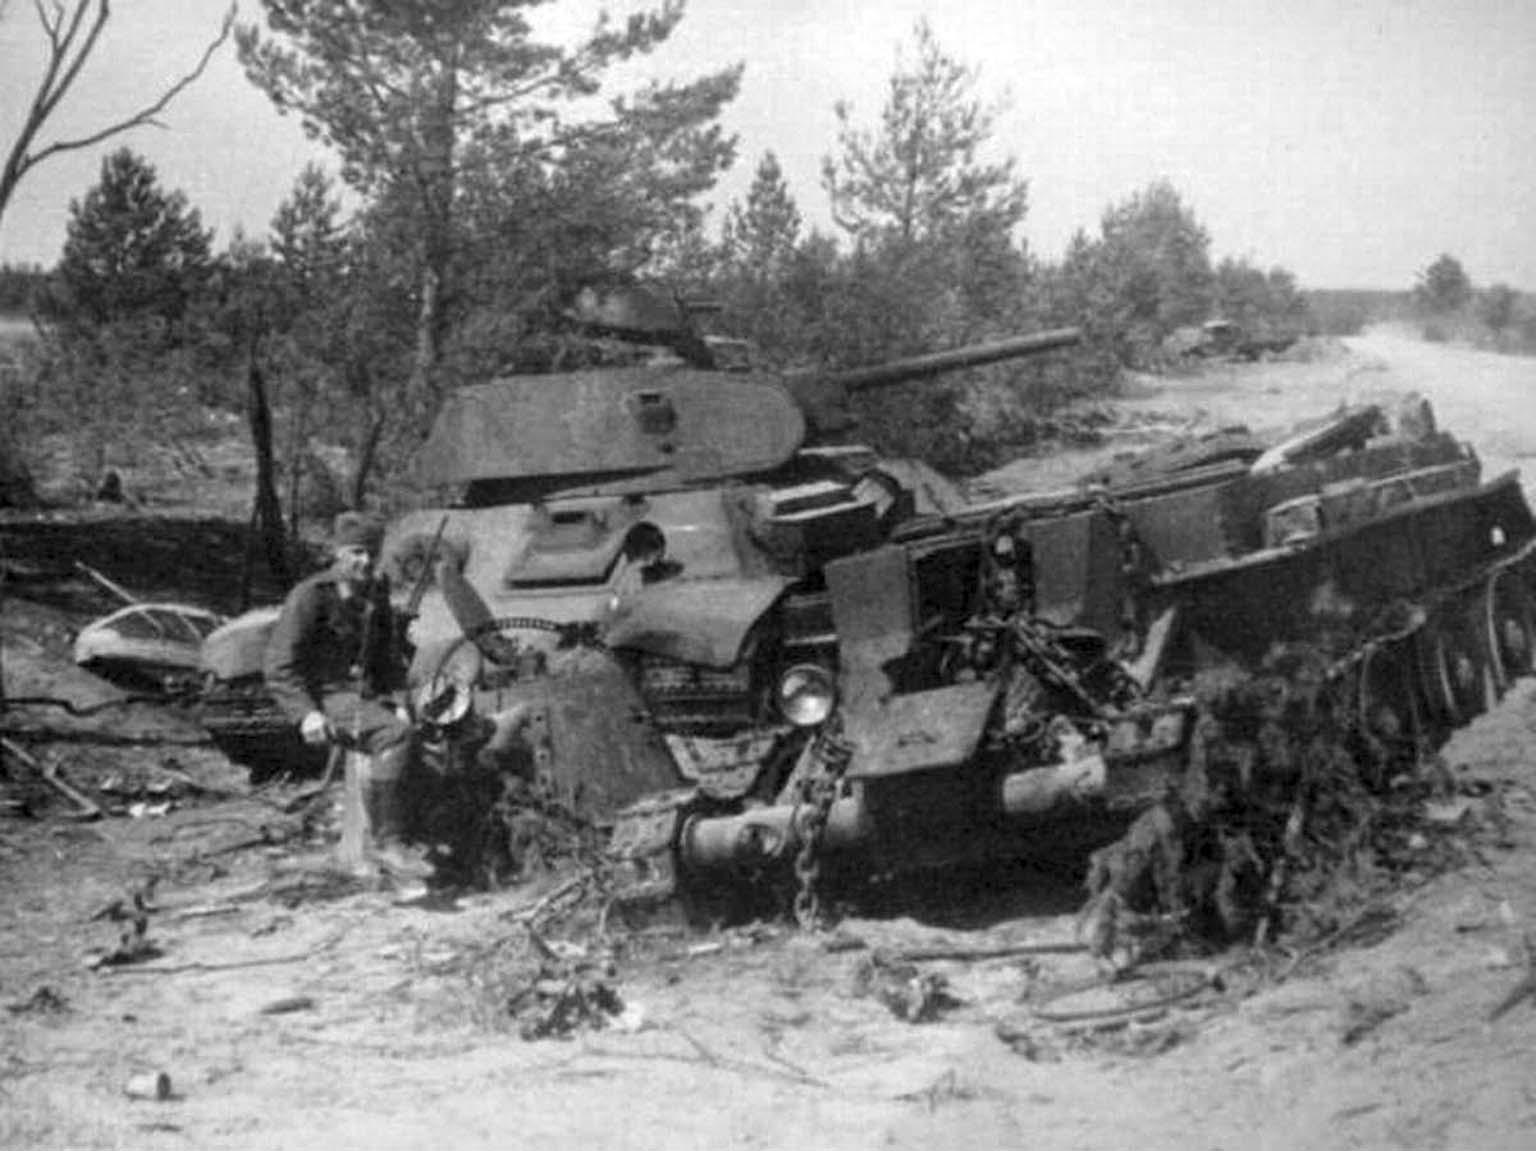 German soldier, T-34, BT-7